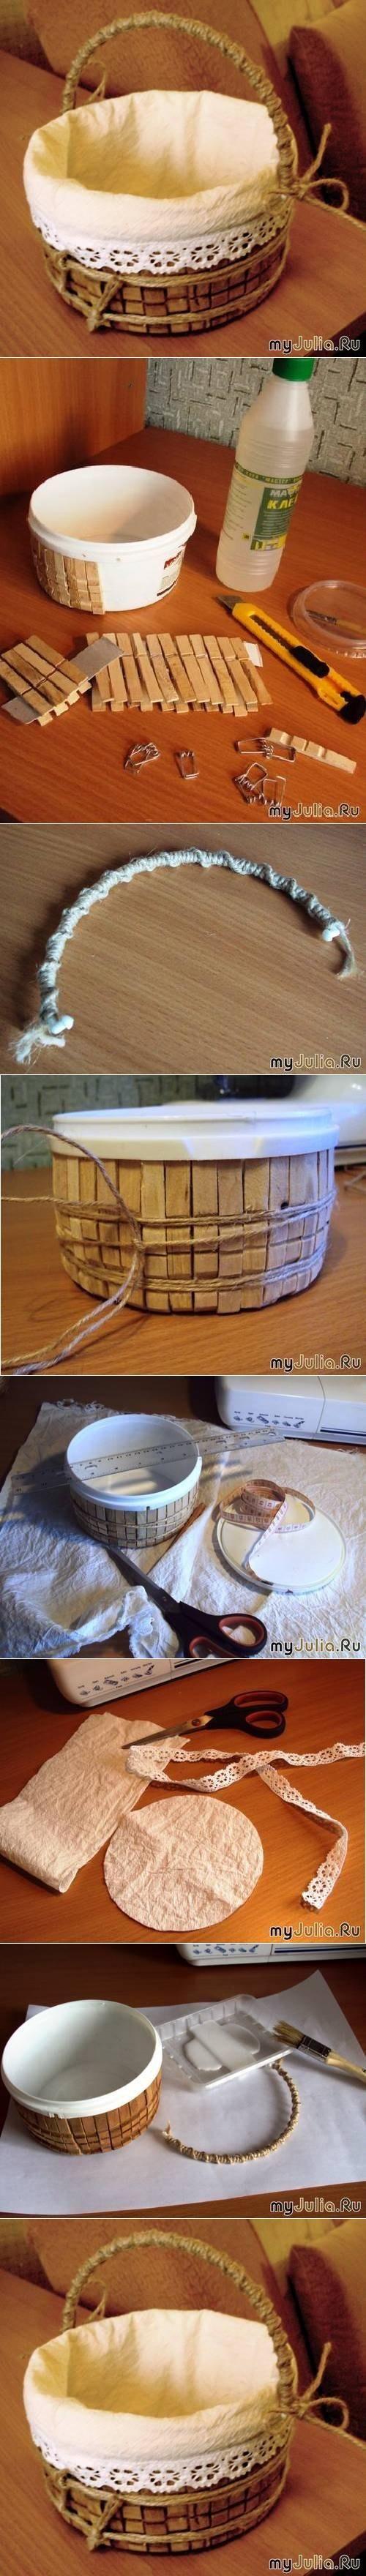 un vieux seau quelques pingles linge en bois de la grosse ficelle du tissus et une belle. Black Bedroom Furniture Sets. Home Design Ideas